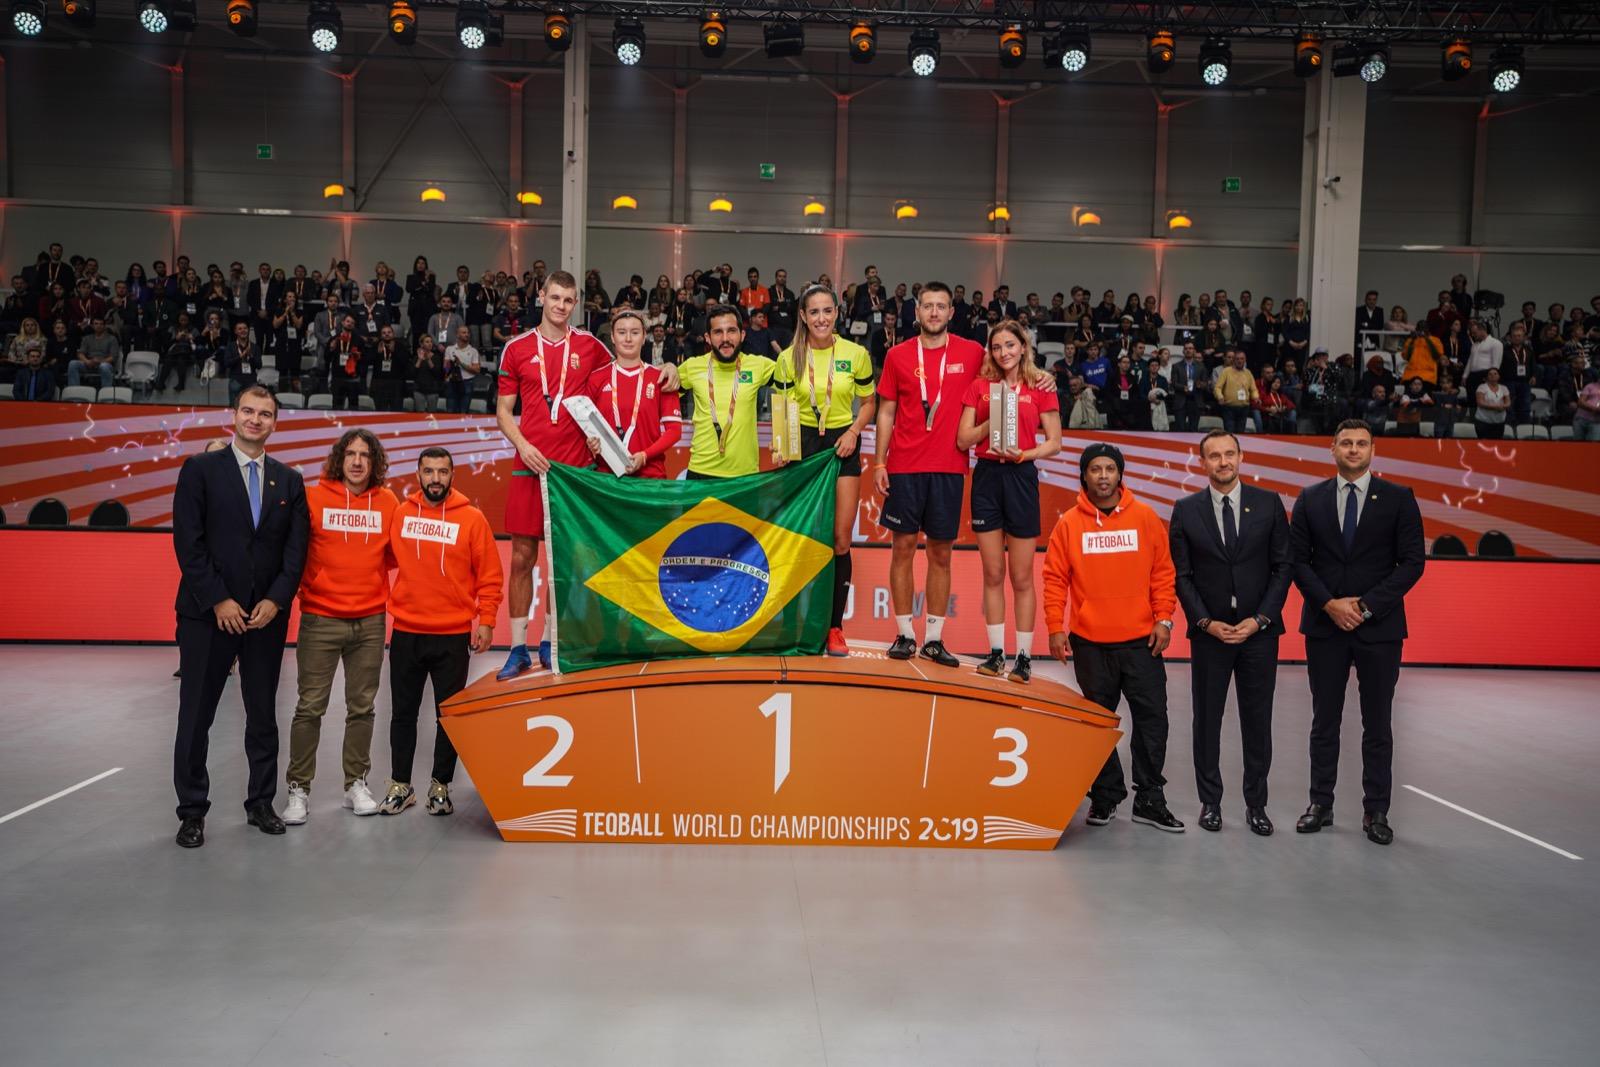 Teqball World Championships 2019, Budapest